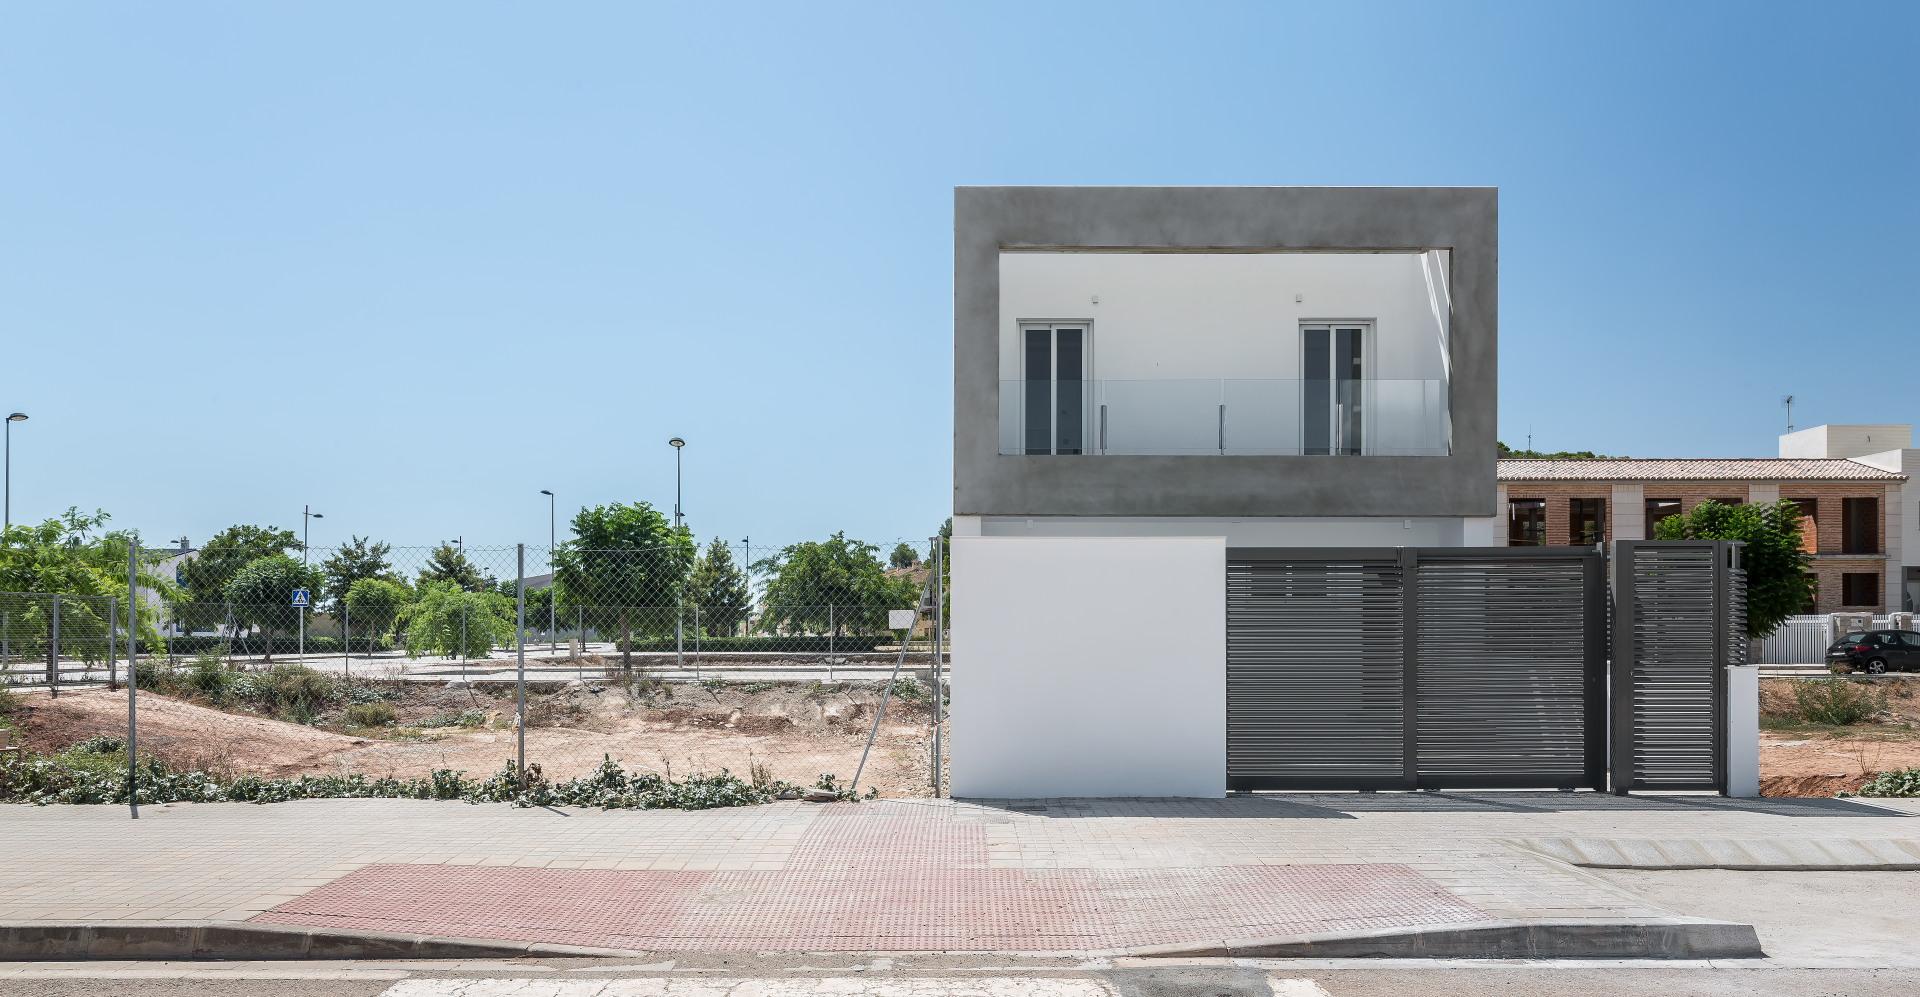 fotografia-arquitectura-valencia-puig-german-cabo-viraje-v15 (3)